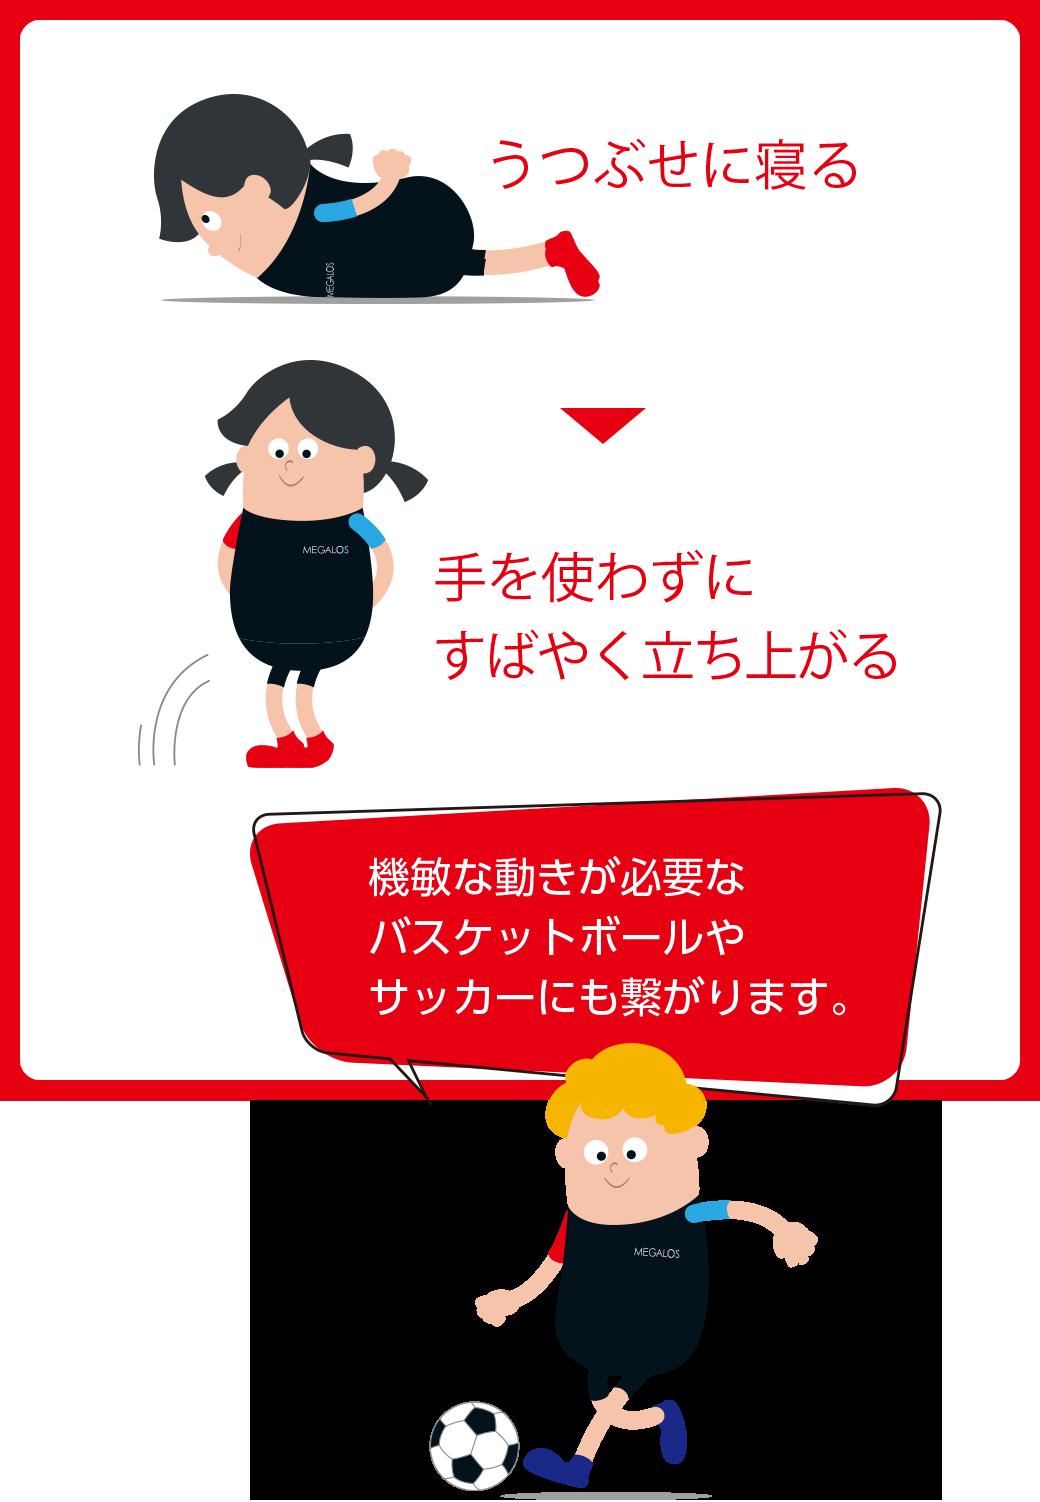 うつぶせに寝る 手を使わずにすばやく立ち上がる 機敏な動きが必要なバスケットボールやサッカーにも繋がります。